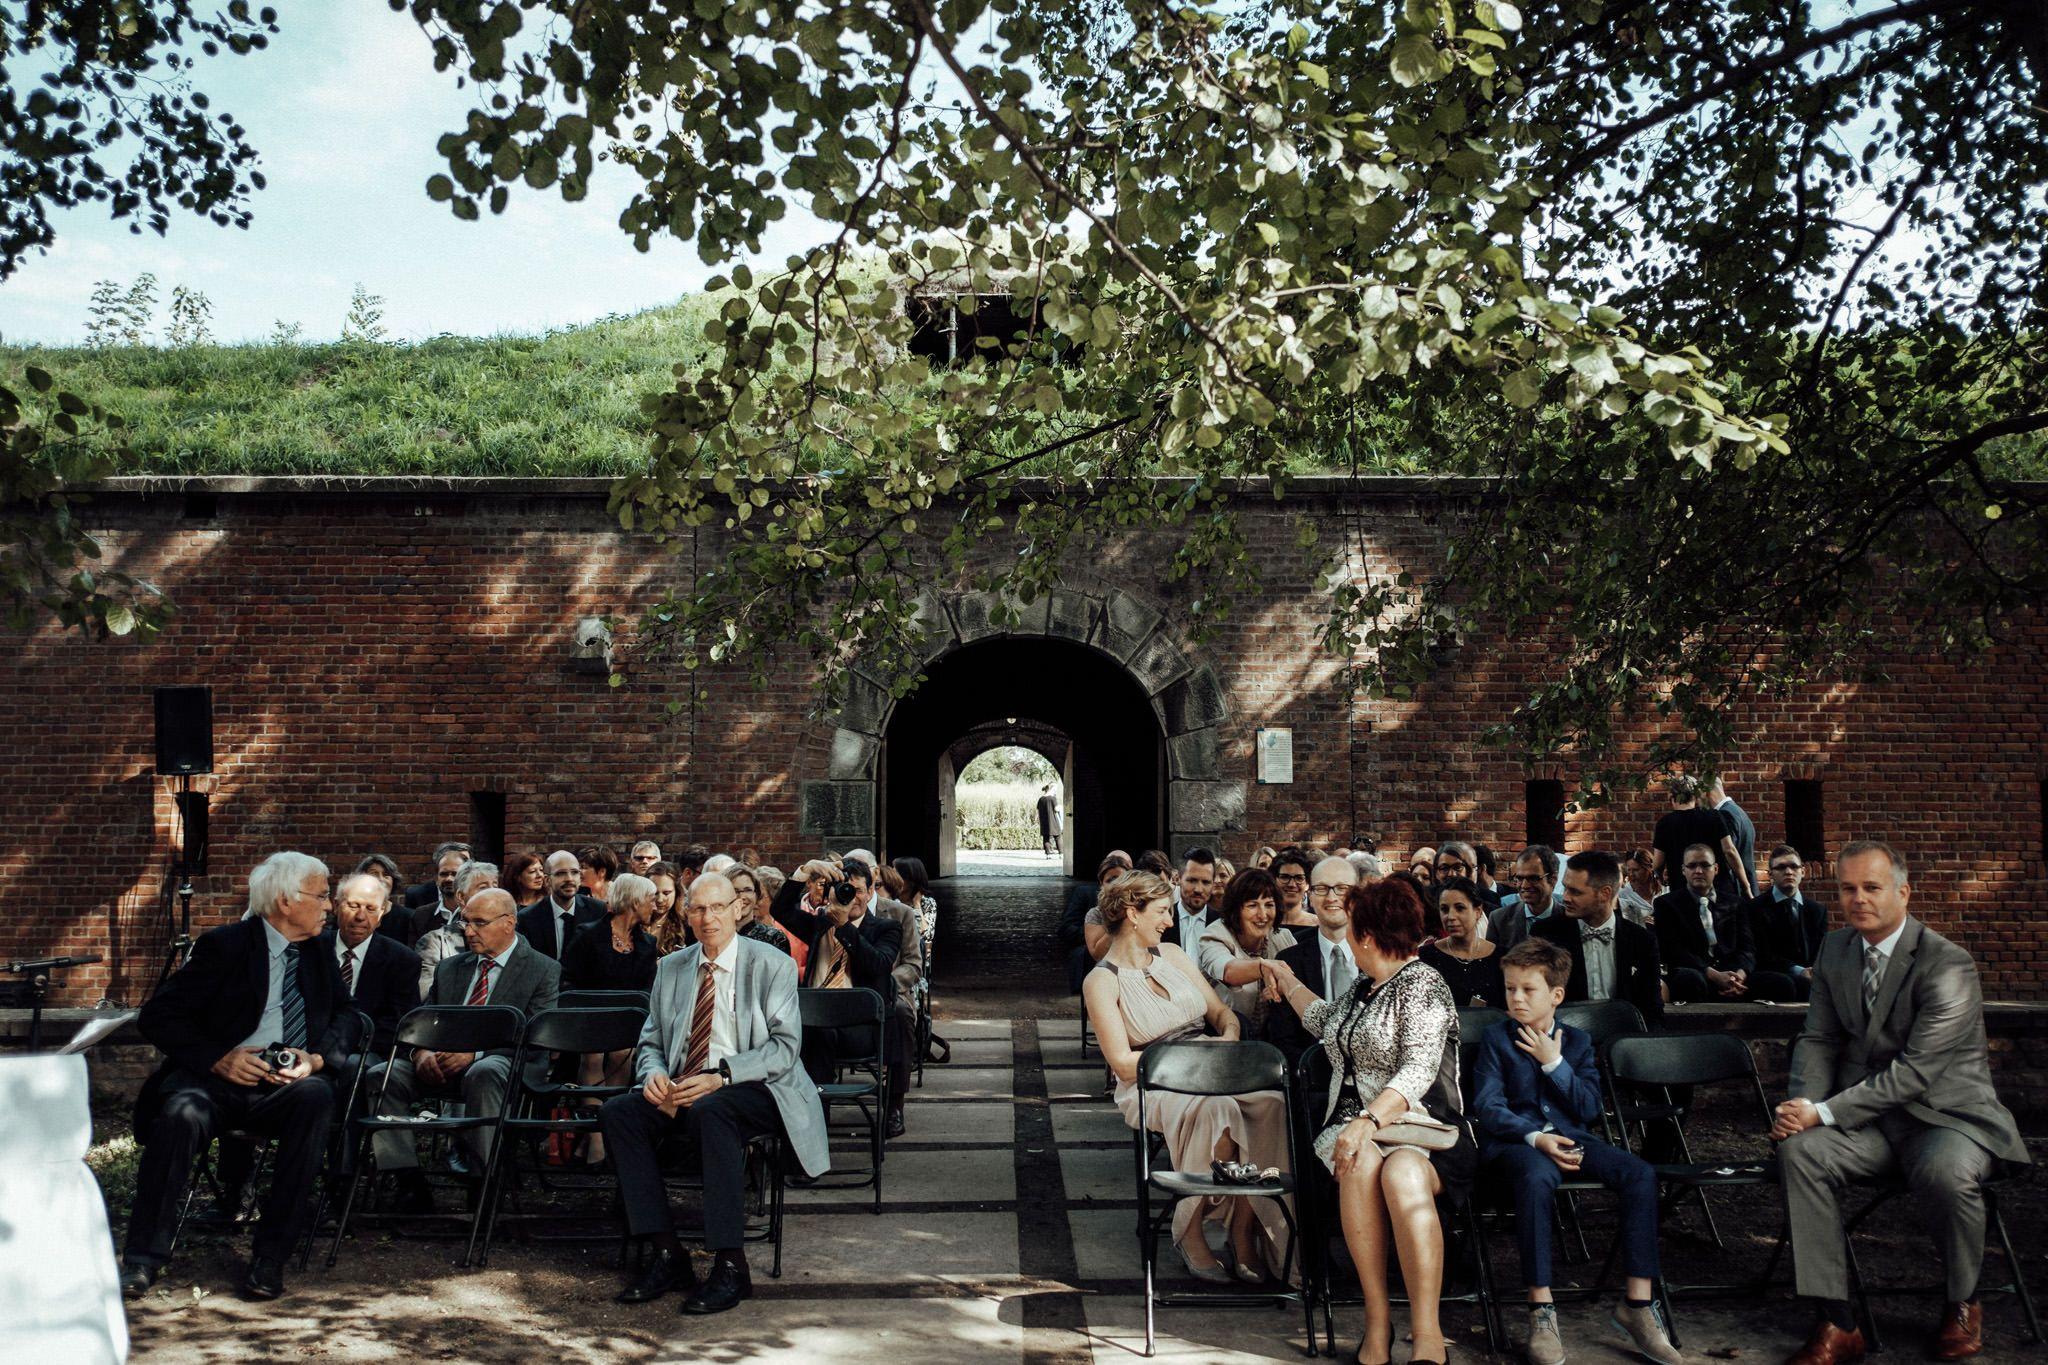 Freie Trauung An Der Rur Trauung Unter Freiem Himmel In Nrw Bruckenkopf Park Julich Ausserge Hochzeitslocation Hochzeitsfotograf Hochzeitsfotograf Koln